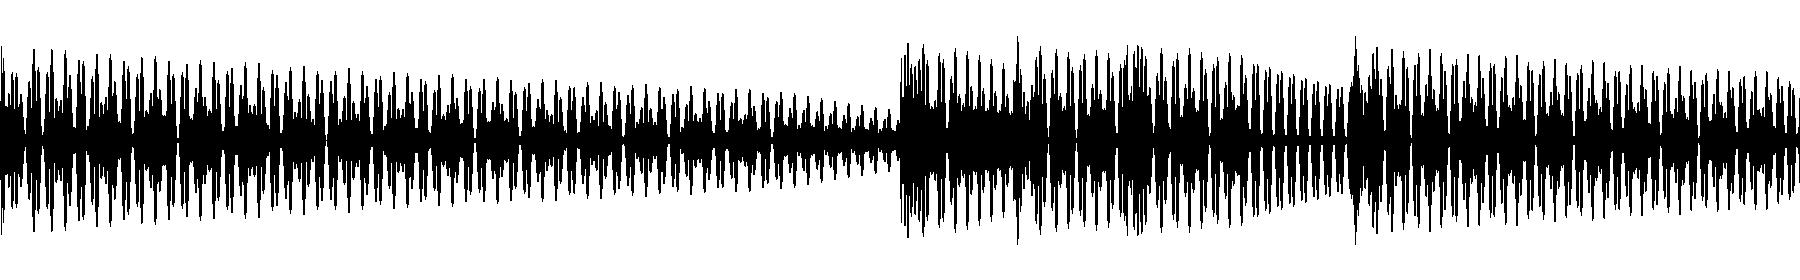 bass 12140bpm